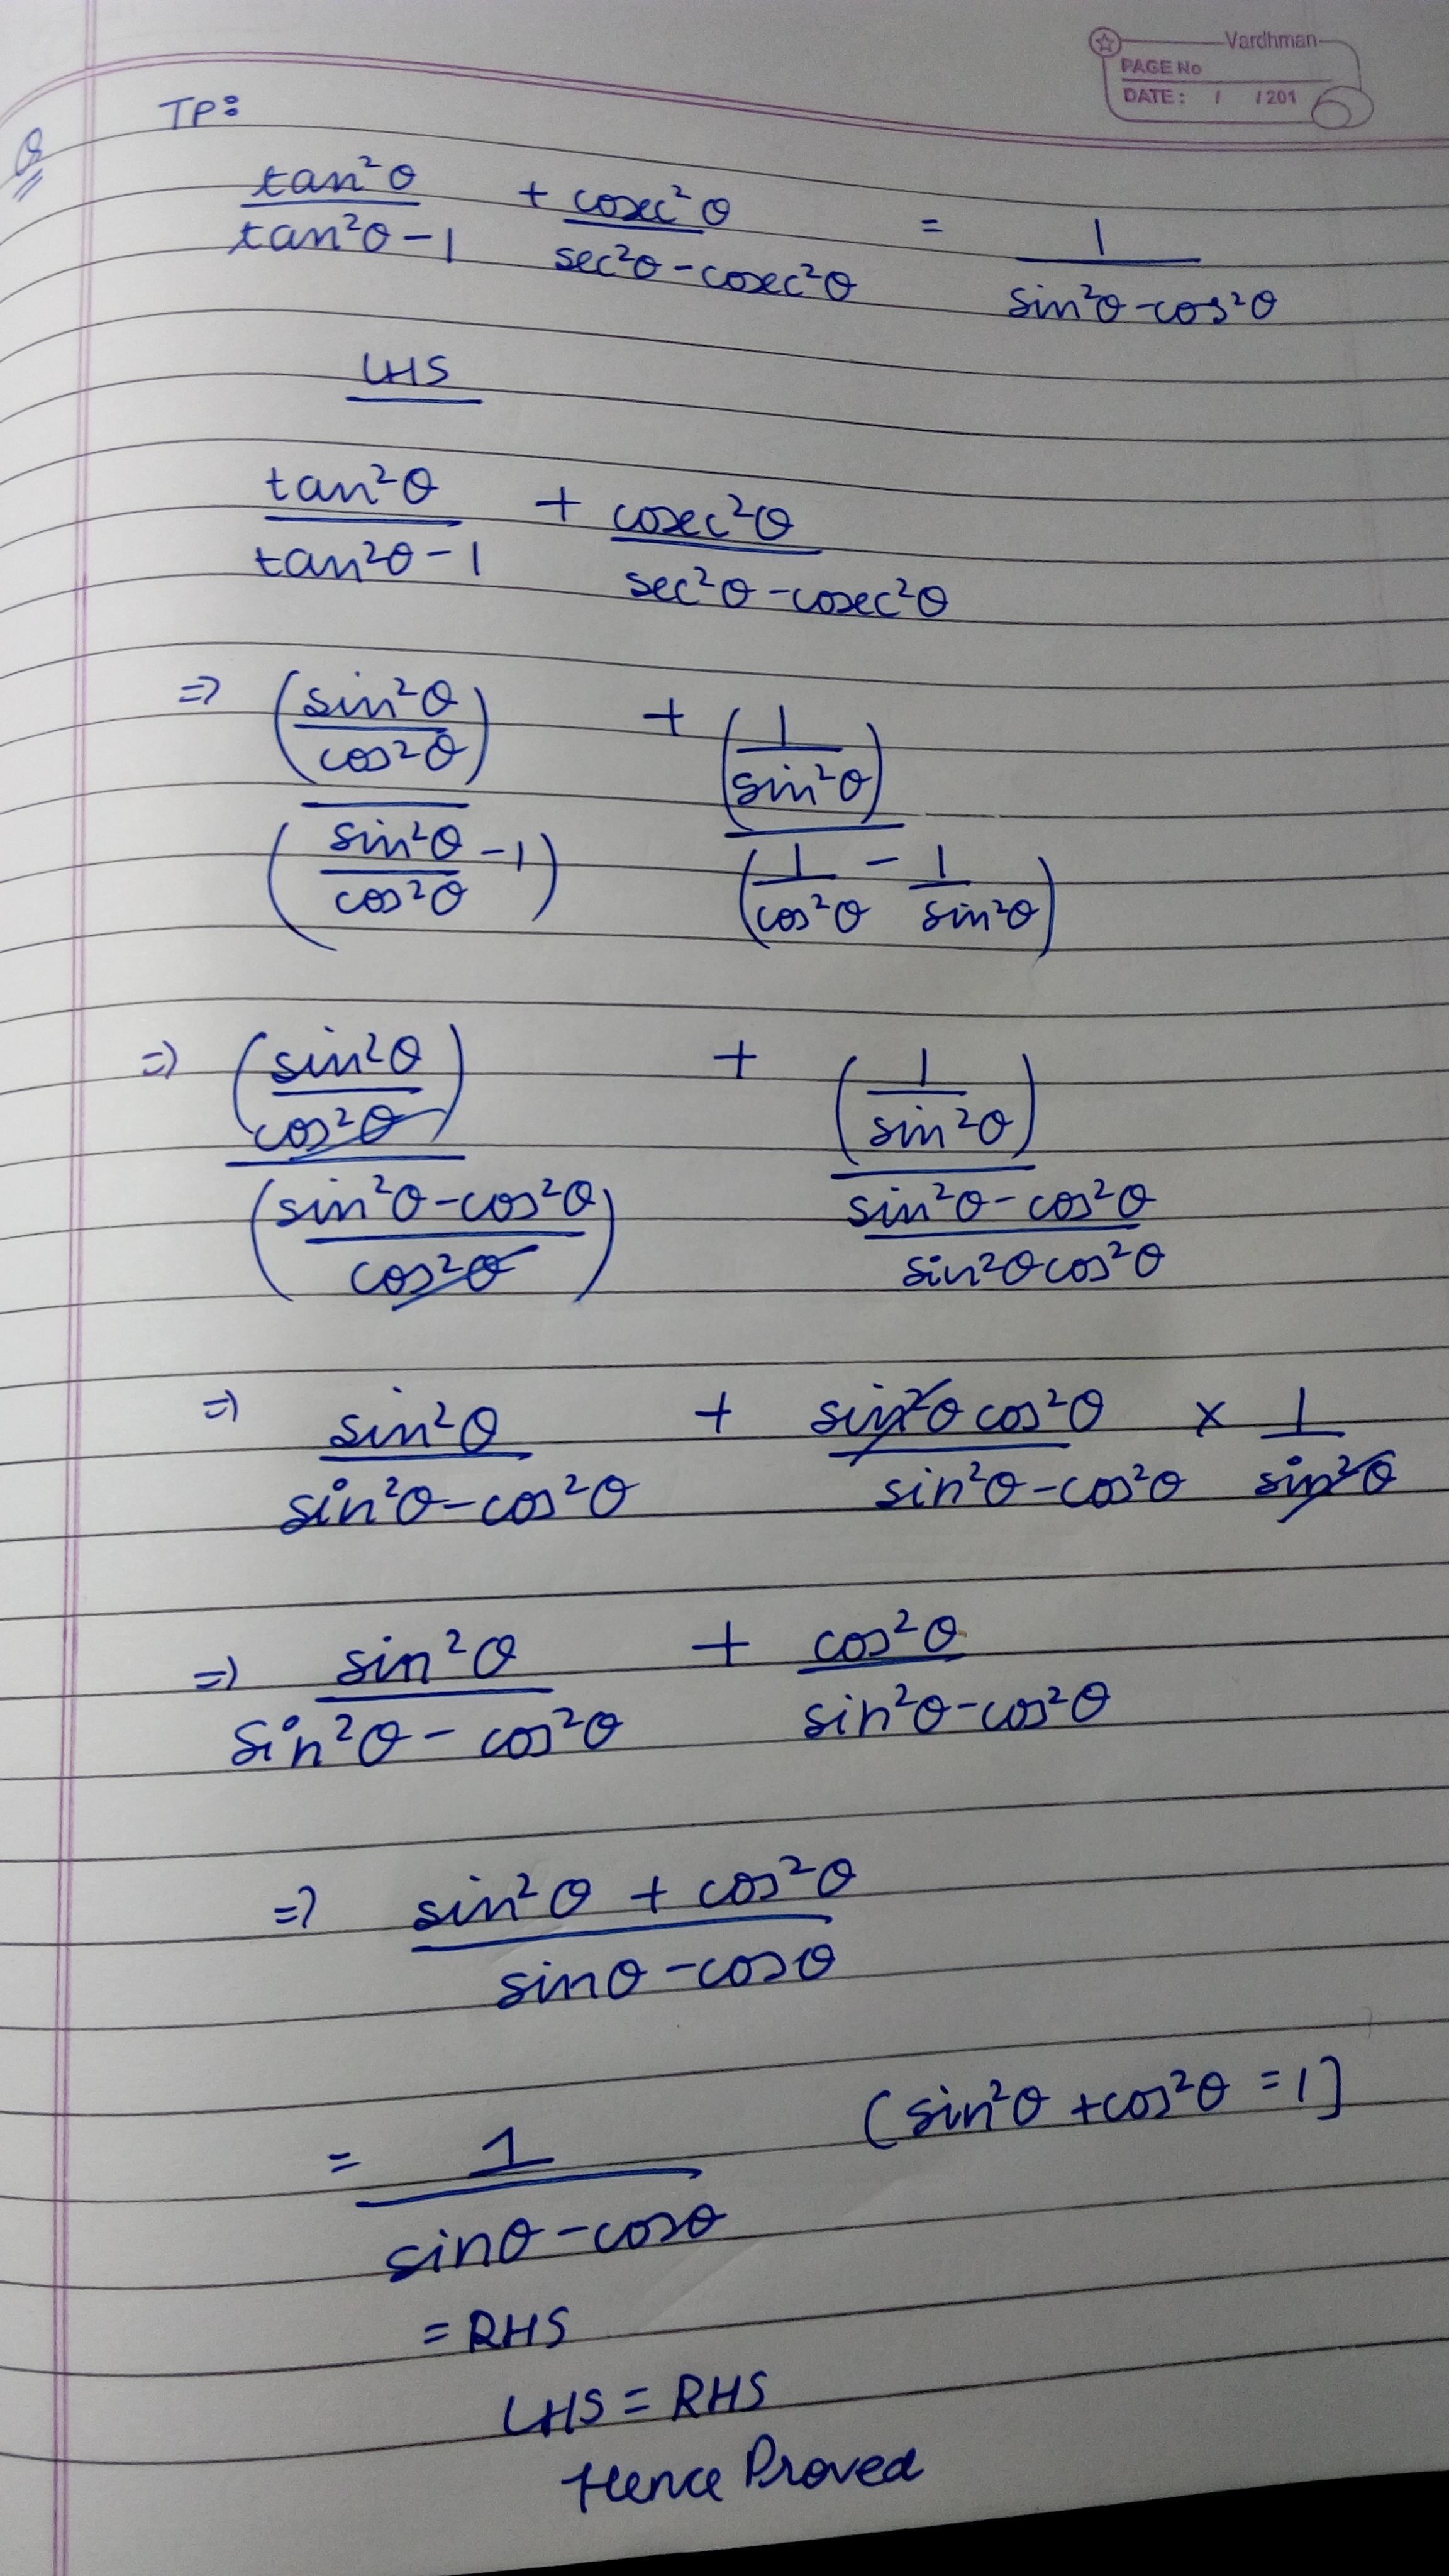 Prove That Tan2 Theta Tan 2 Theta 1 Cosec 2 Theta Sec 2 Theta Cosec 2 Theta 1 Sin 2 Theta Cos2 Brainly In